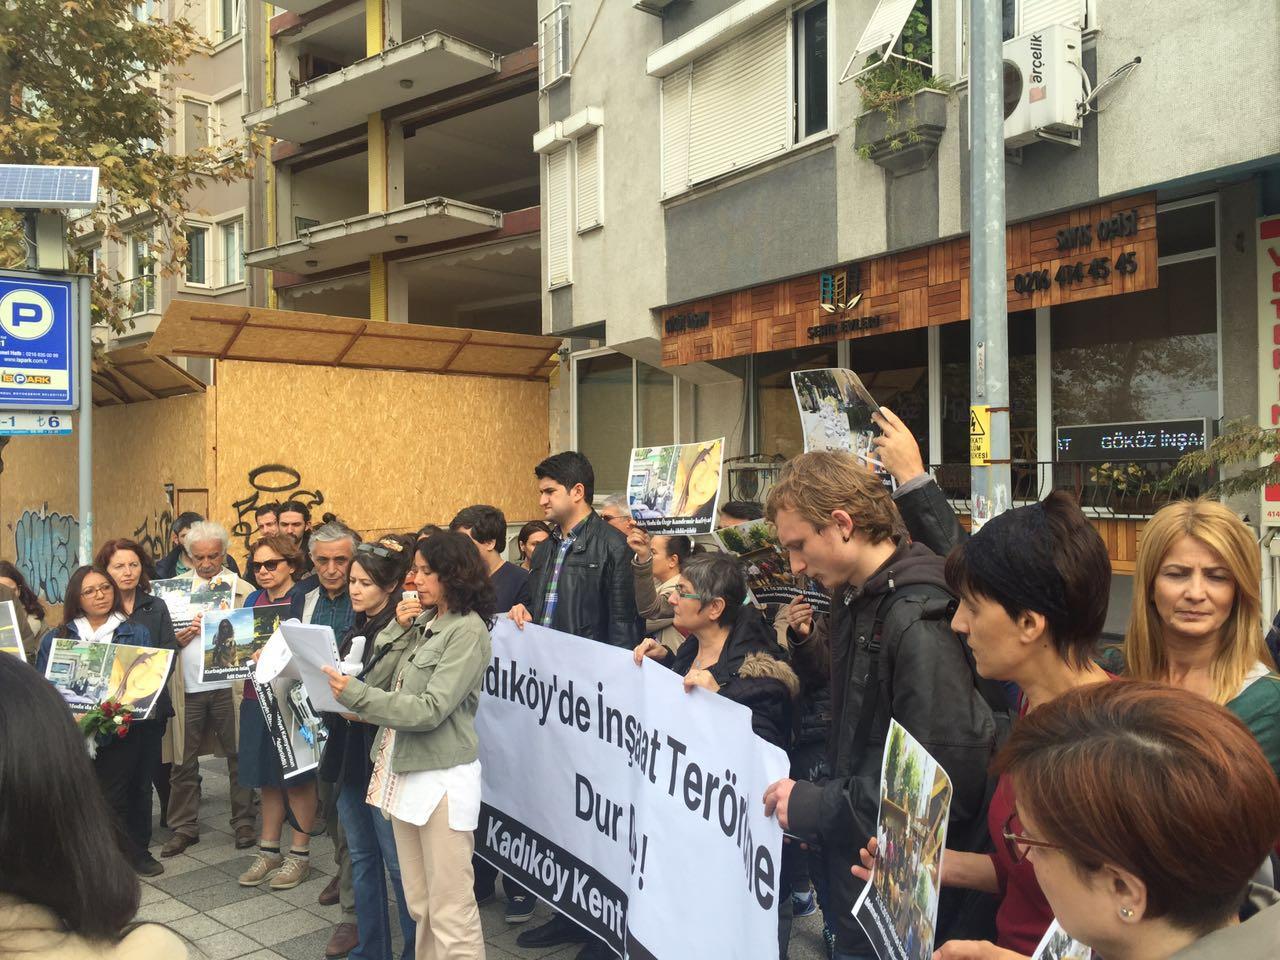 Kadıköy Kent Dayanışması'ndan hafriyat kamyonlarının terörüne karşı eylem